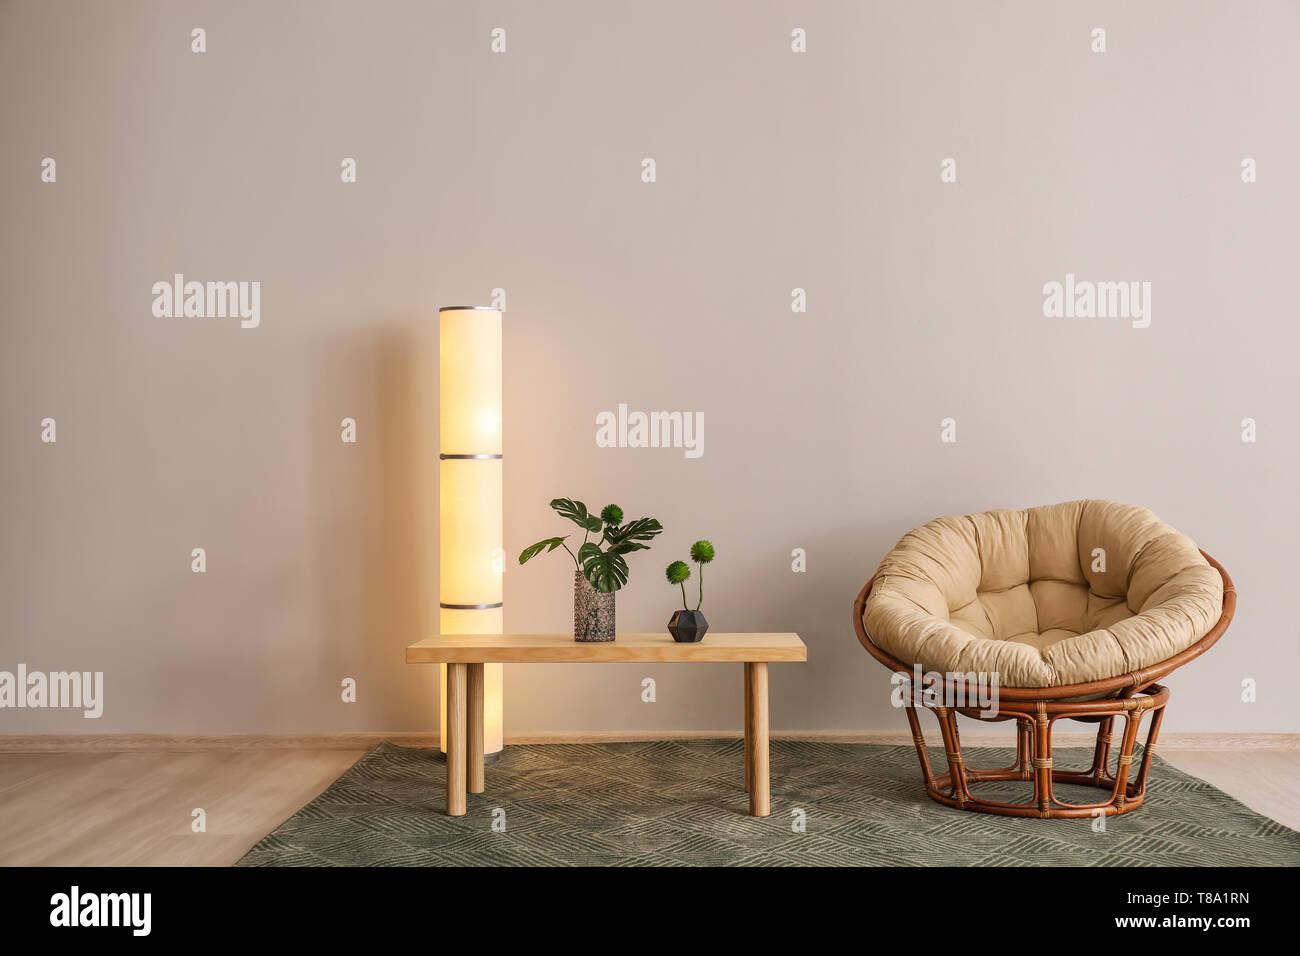 Wohnzimmer Mit Tisch Stehlampe Und Einem Sessel In Der Nahe Von Hellen Wand Stockfotografie Alamy